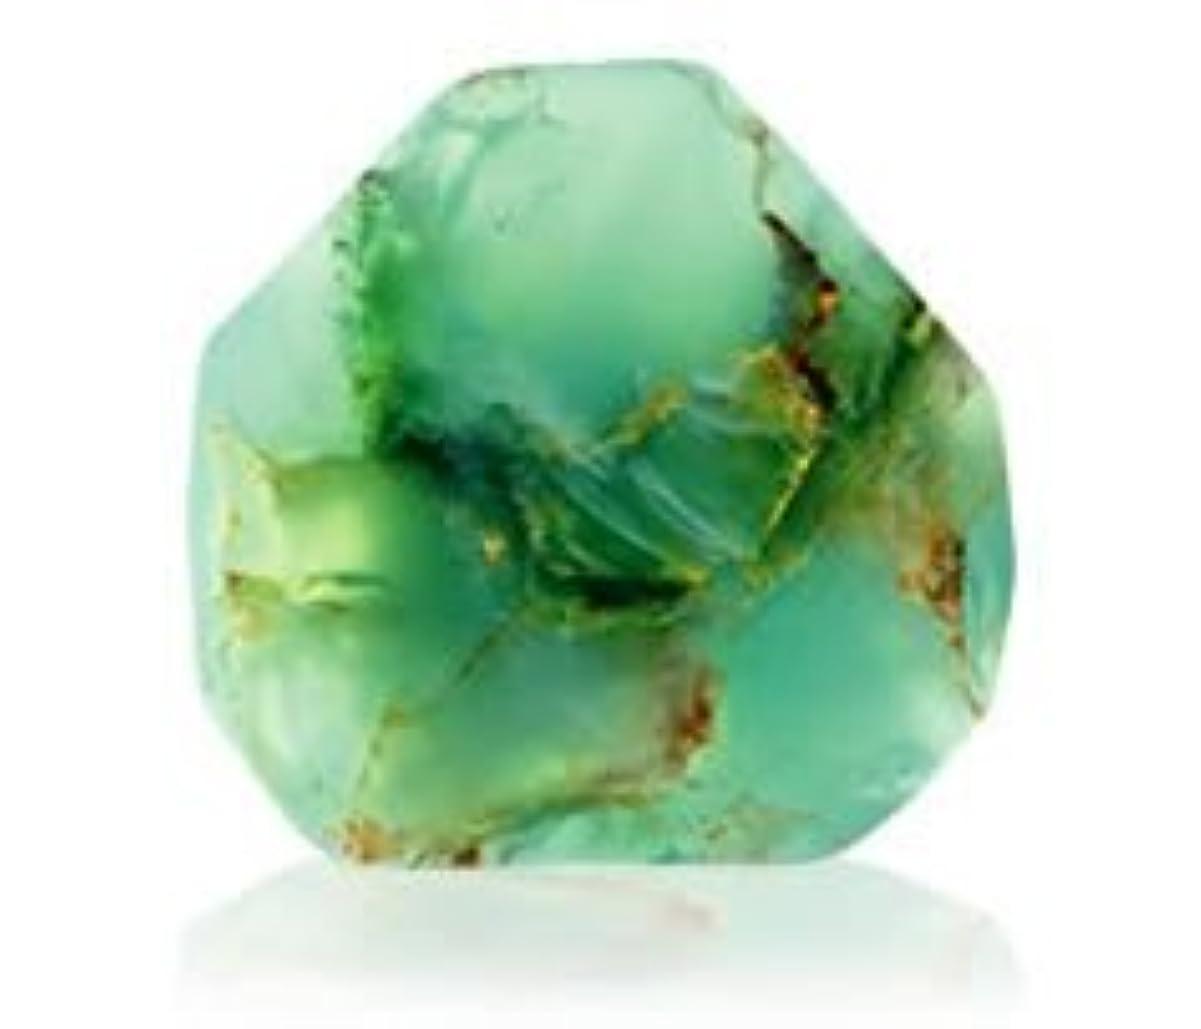 操作可能メダリスト叱るSavons Gemme サボンジェム 世界で一番美しい宝石石鹸 フレグランスソープ ジェイド 170g